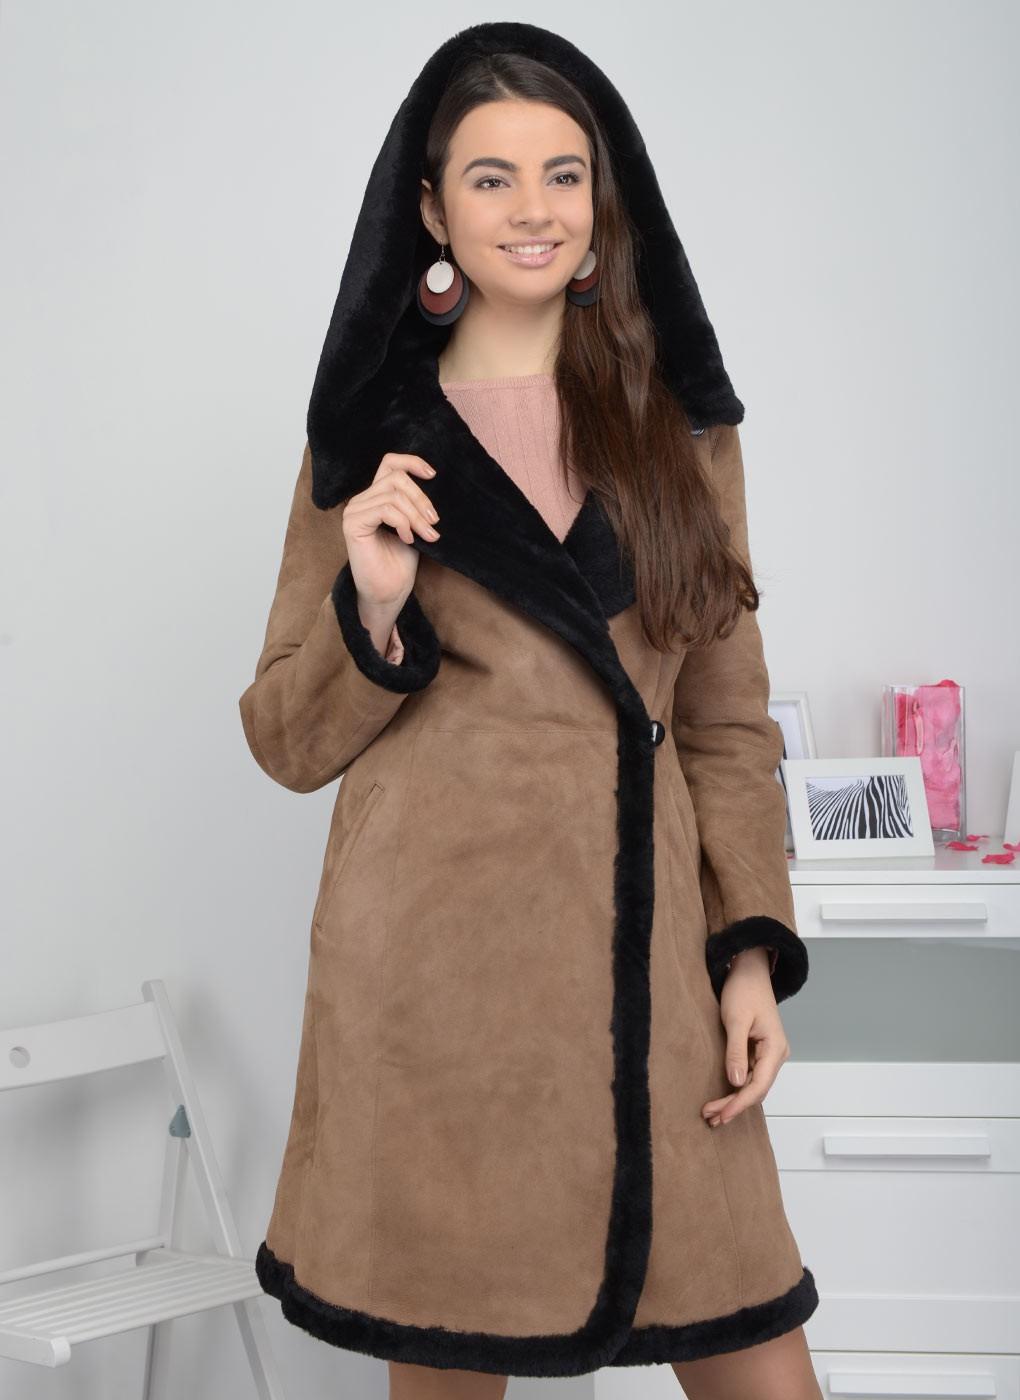 модные женские дубленки 2019-2020: дубленка классика миди коричневая с мехом черным